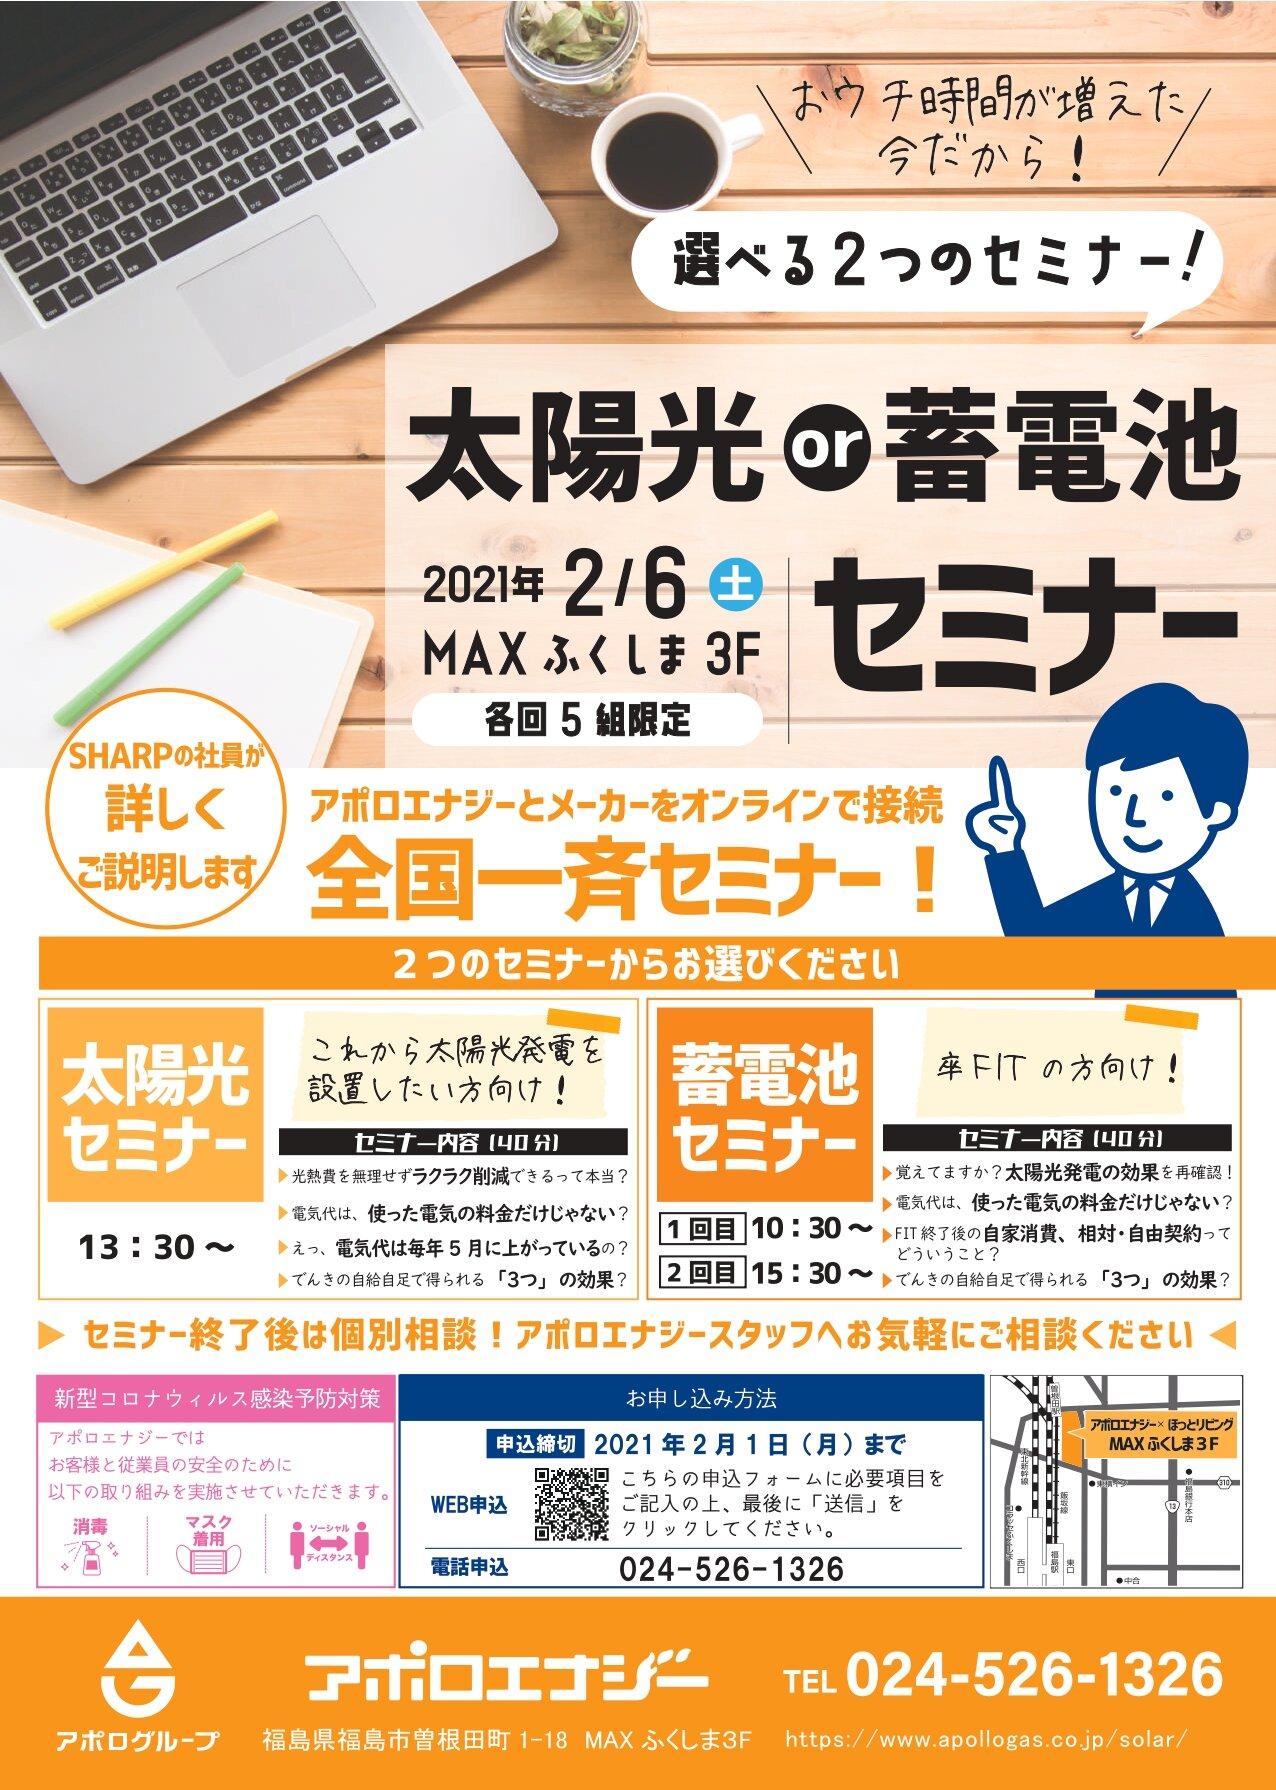 エナジー-オンラインセミナー_page-0001.jpg